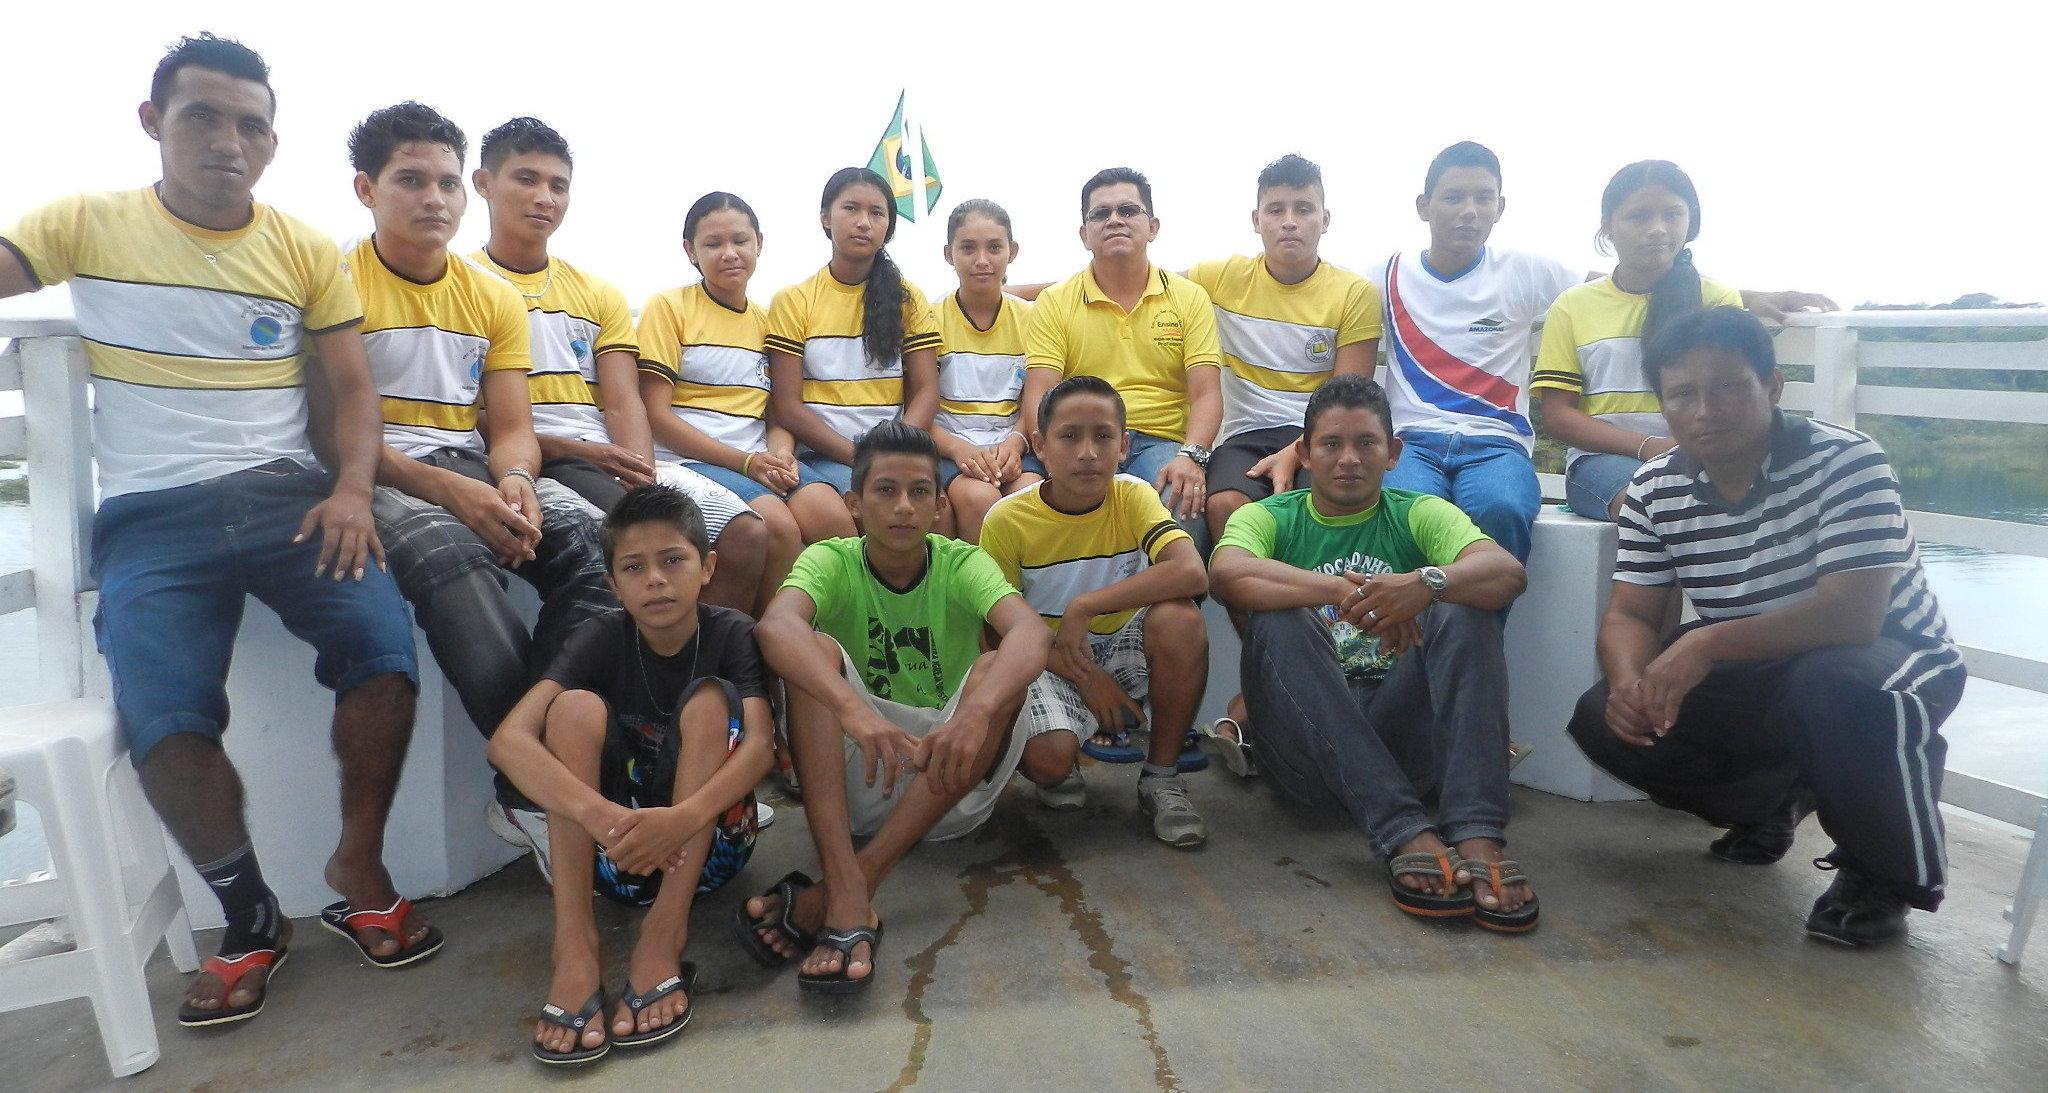 O professor Menezes e a equipe de alunos do projeto primordial para a região ribeirinha do rio Tracajá